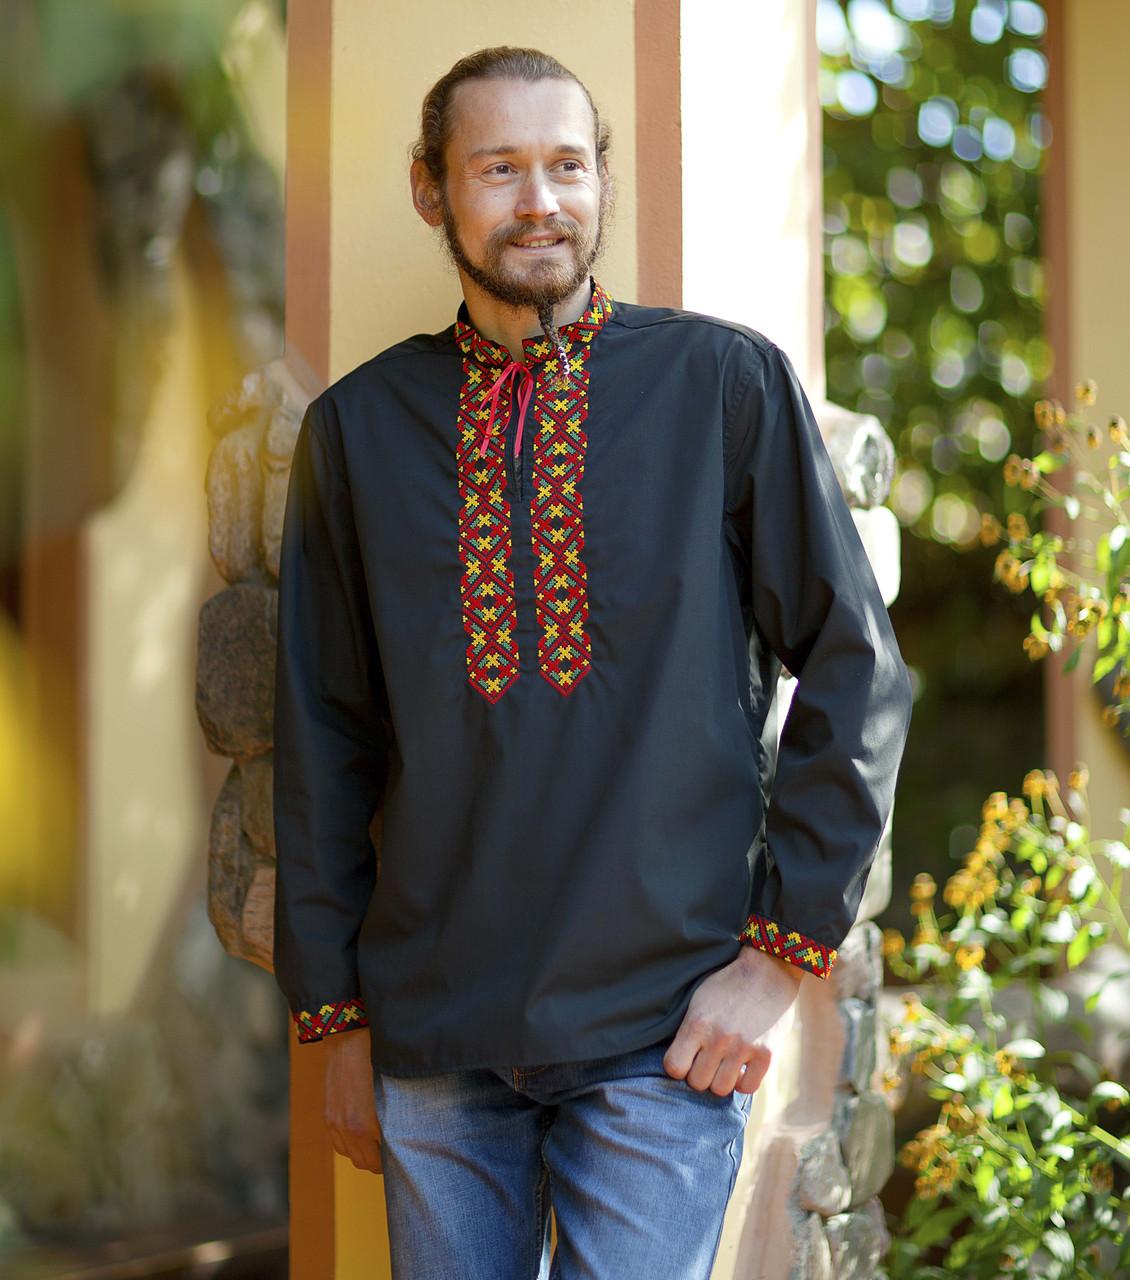 79d445459519 Вышиванка мужская черная с оригинальной разноцветной вышивкой . Длинный  рукав . Разм S - XL .